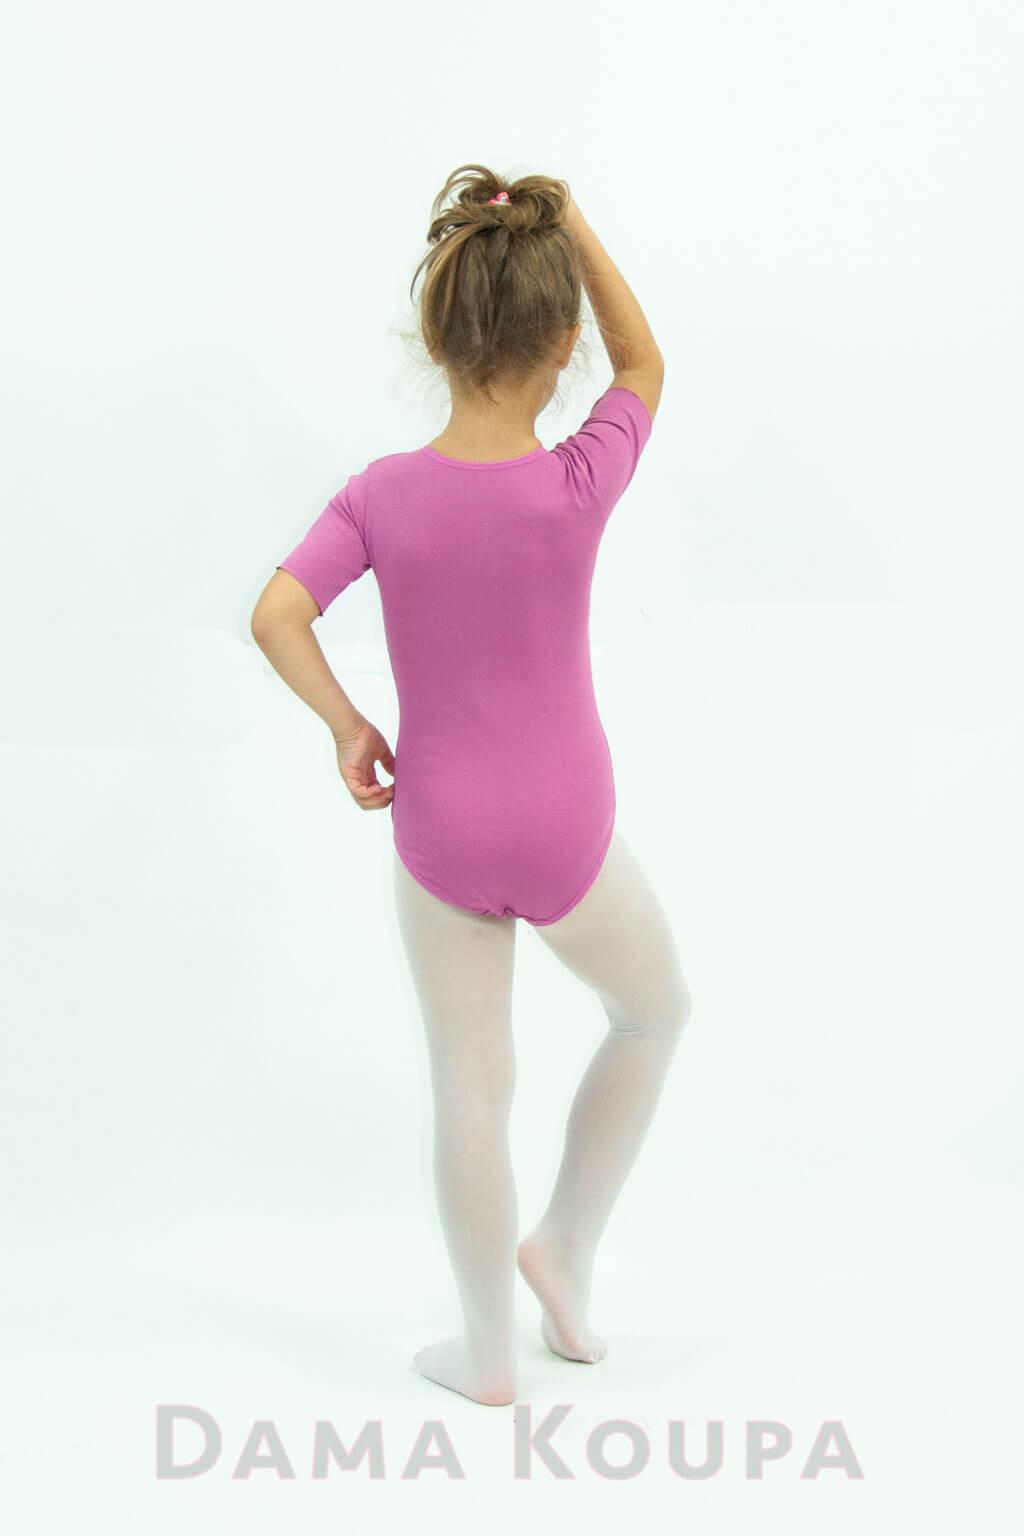 3f30b2dd462 Παιδικό κορμάκι γυμναστικής σε ροζ χρώμα κοντό μανίκι Ροζ κορμάκι ρυθμικής  για παιδιά Ροζ κορμάκι χορού ...